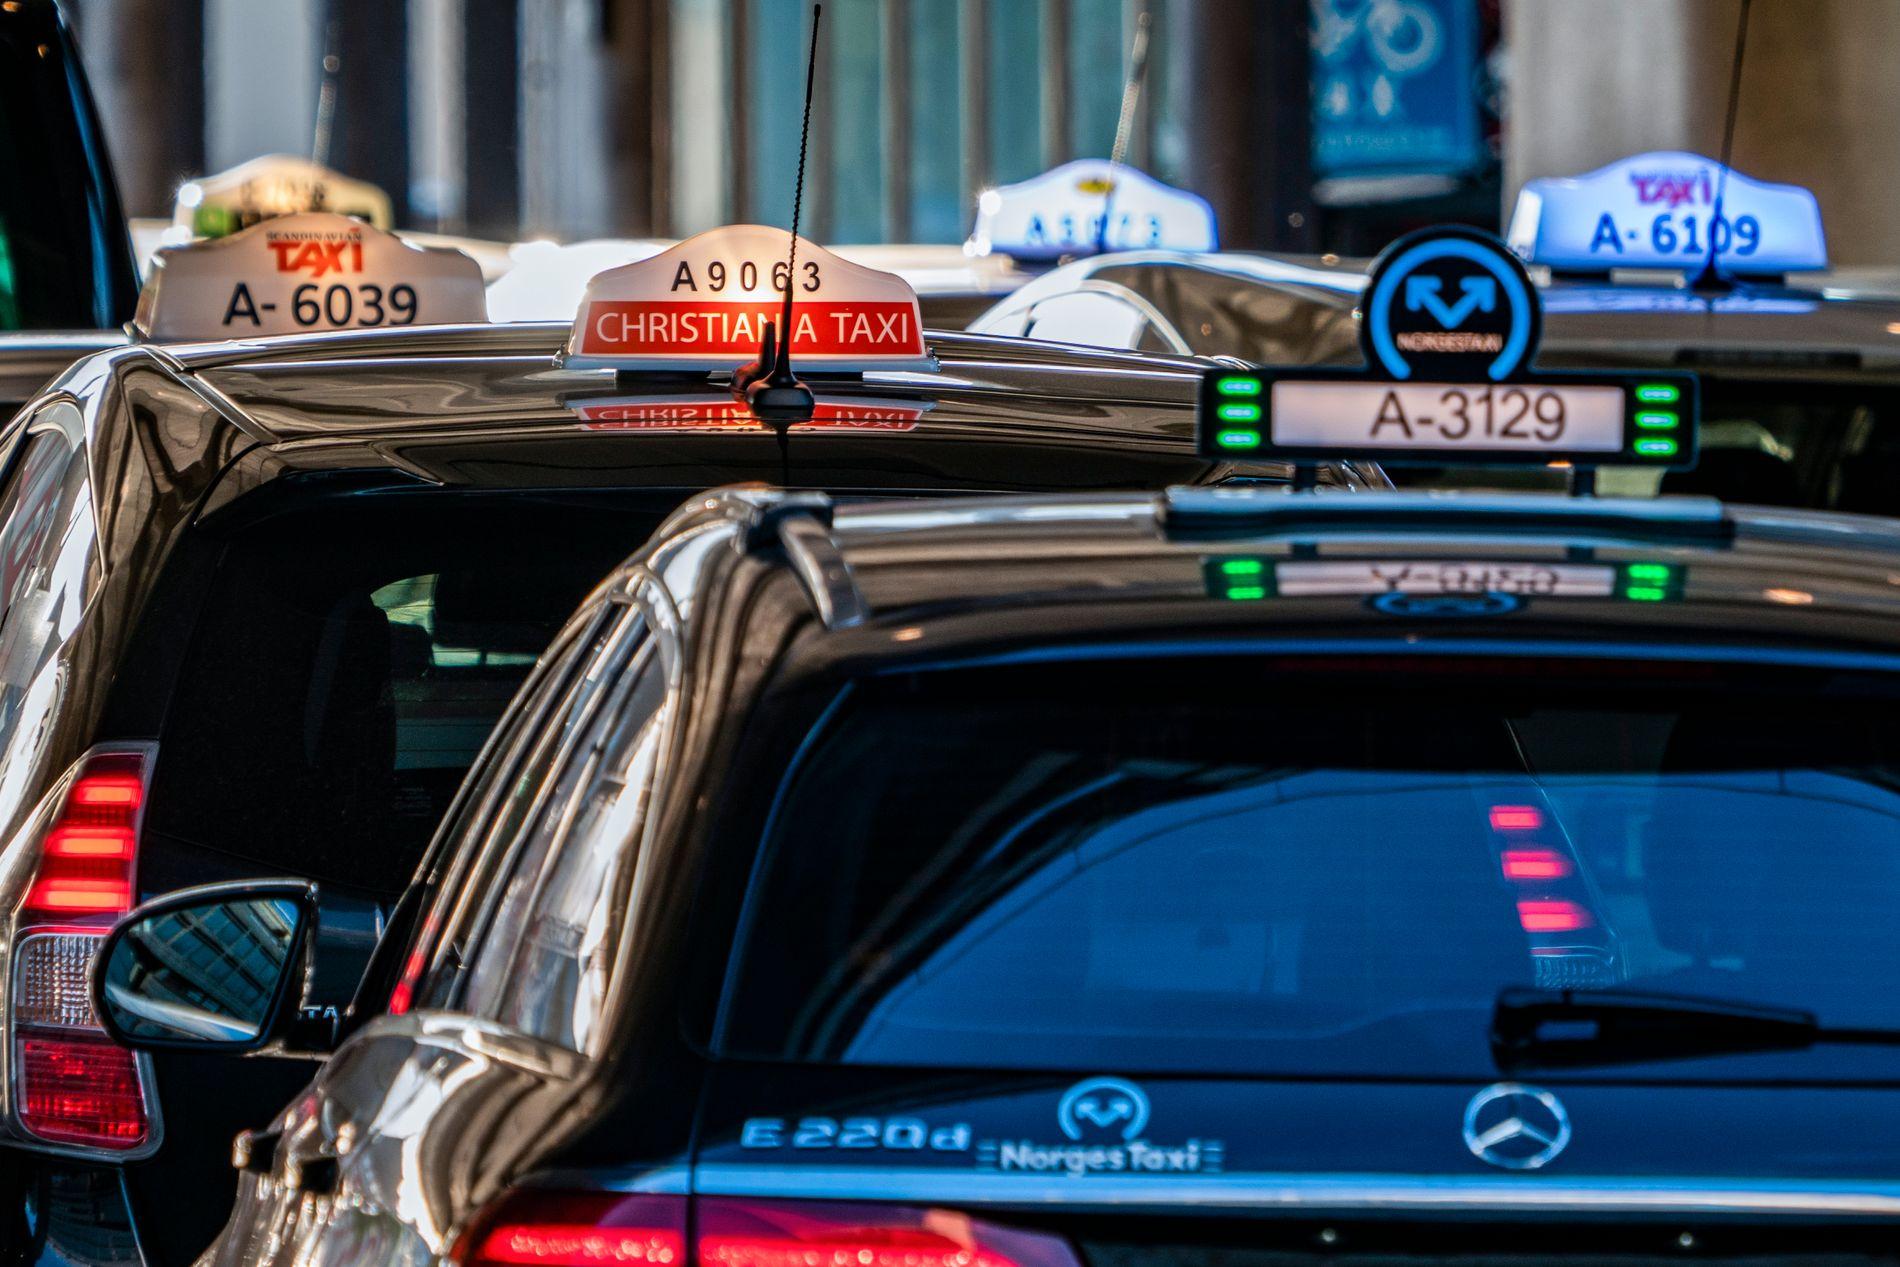 Drosjeselskaper er pliktige til å oppgi et pristilbud til kunden før reisen starter, minner Forbrukertilsynet om. Foto: Heiko Junge / NTB scanpix